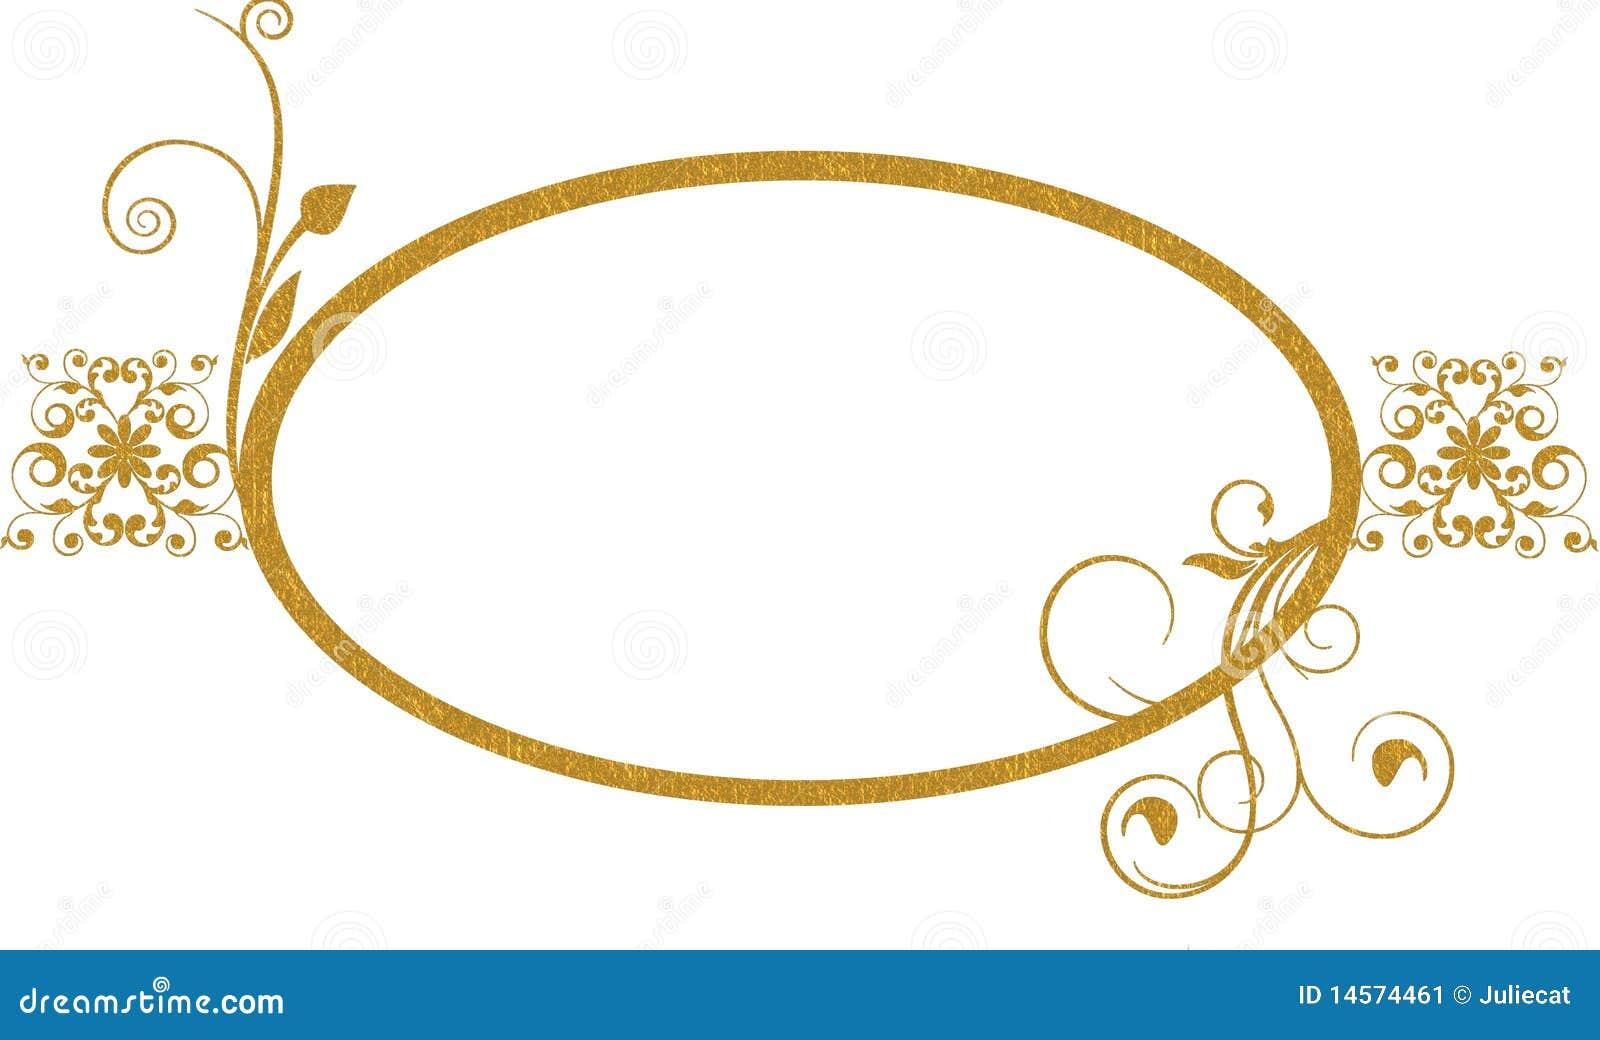 Gold Oval Frame Background